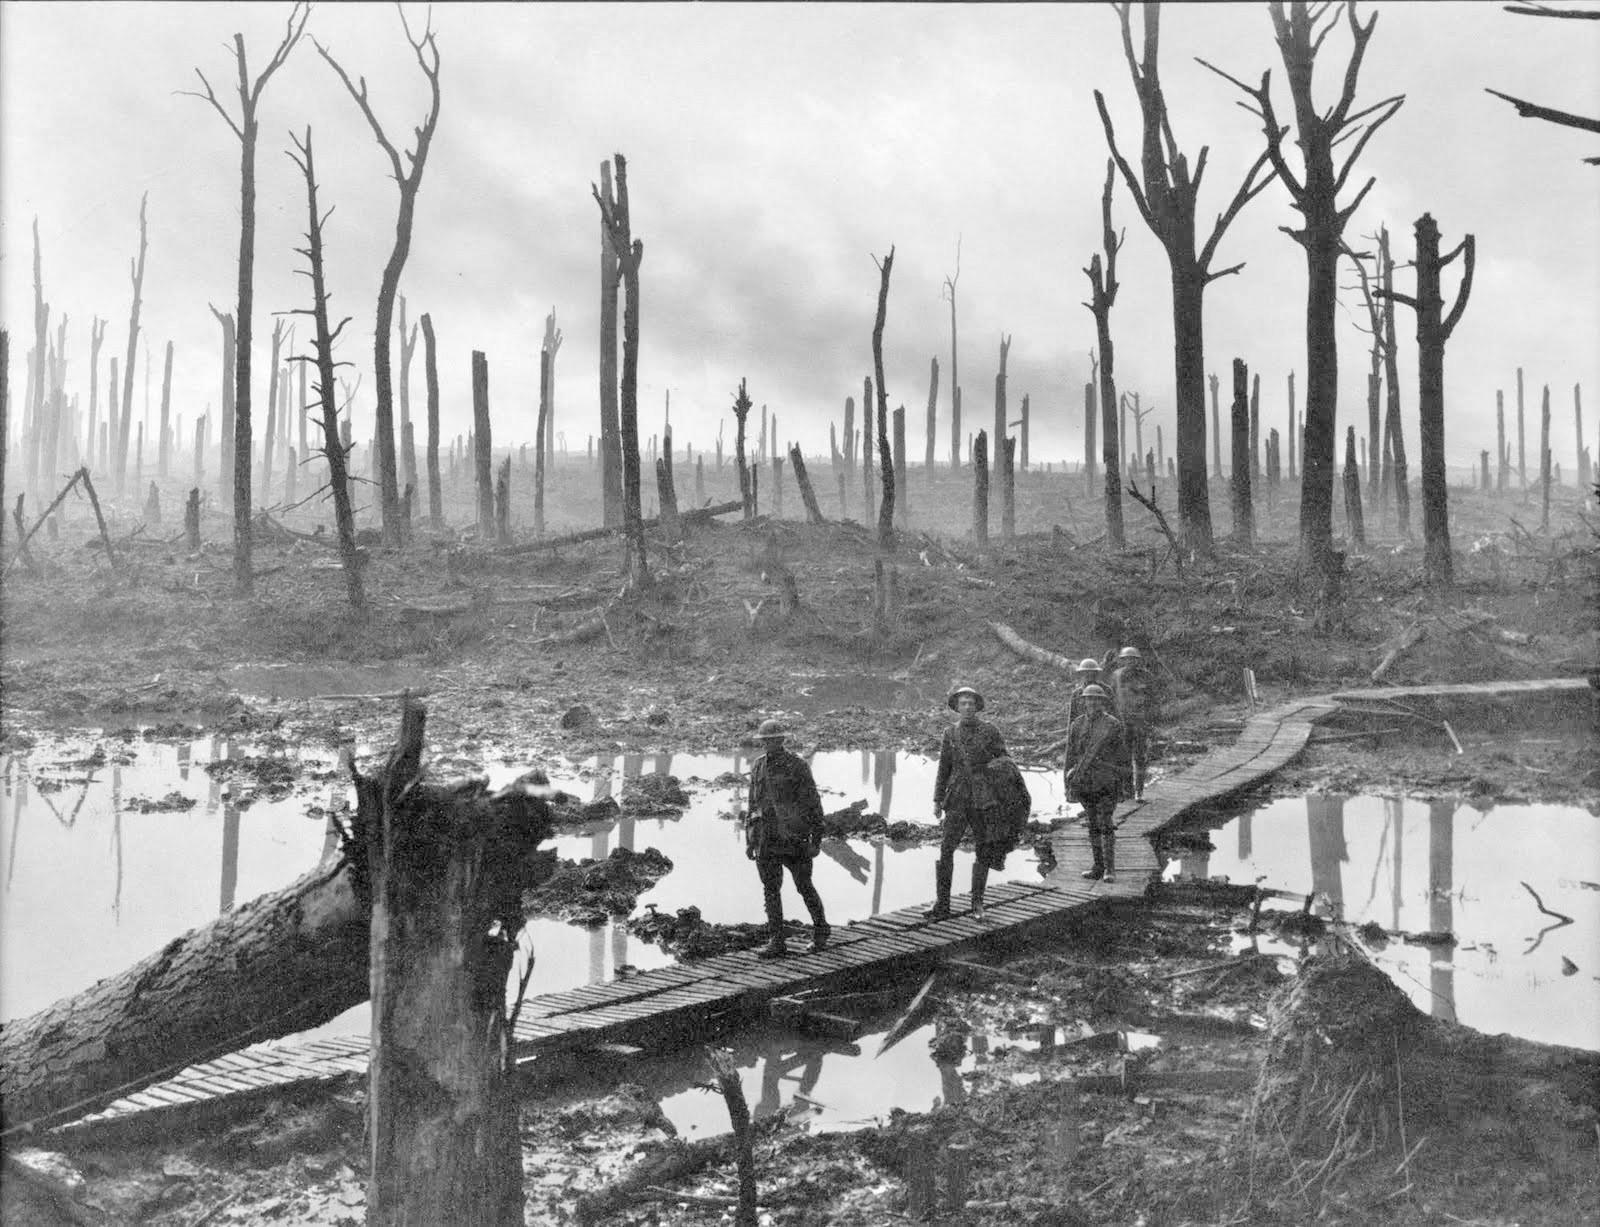 Der Chateauwald bei Ypern besteht nach den intensiven Artilleriebombardements nur noch aus Baumstümpfen (1917)